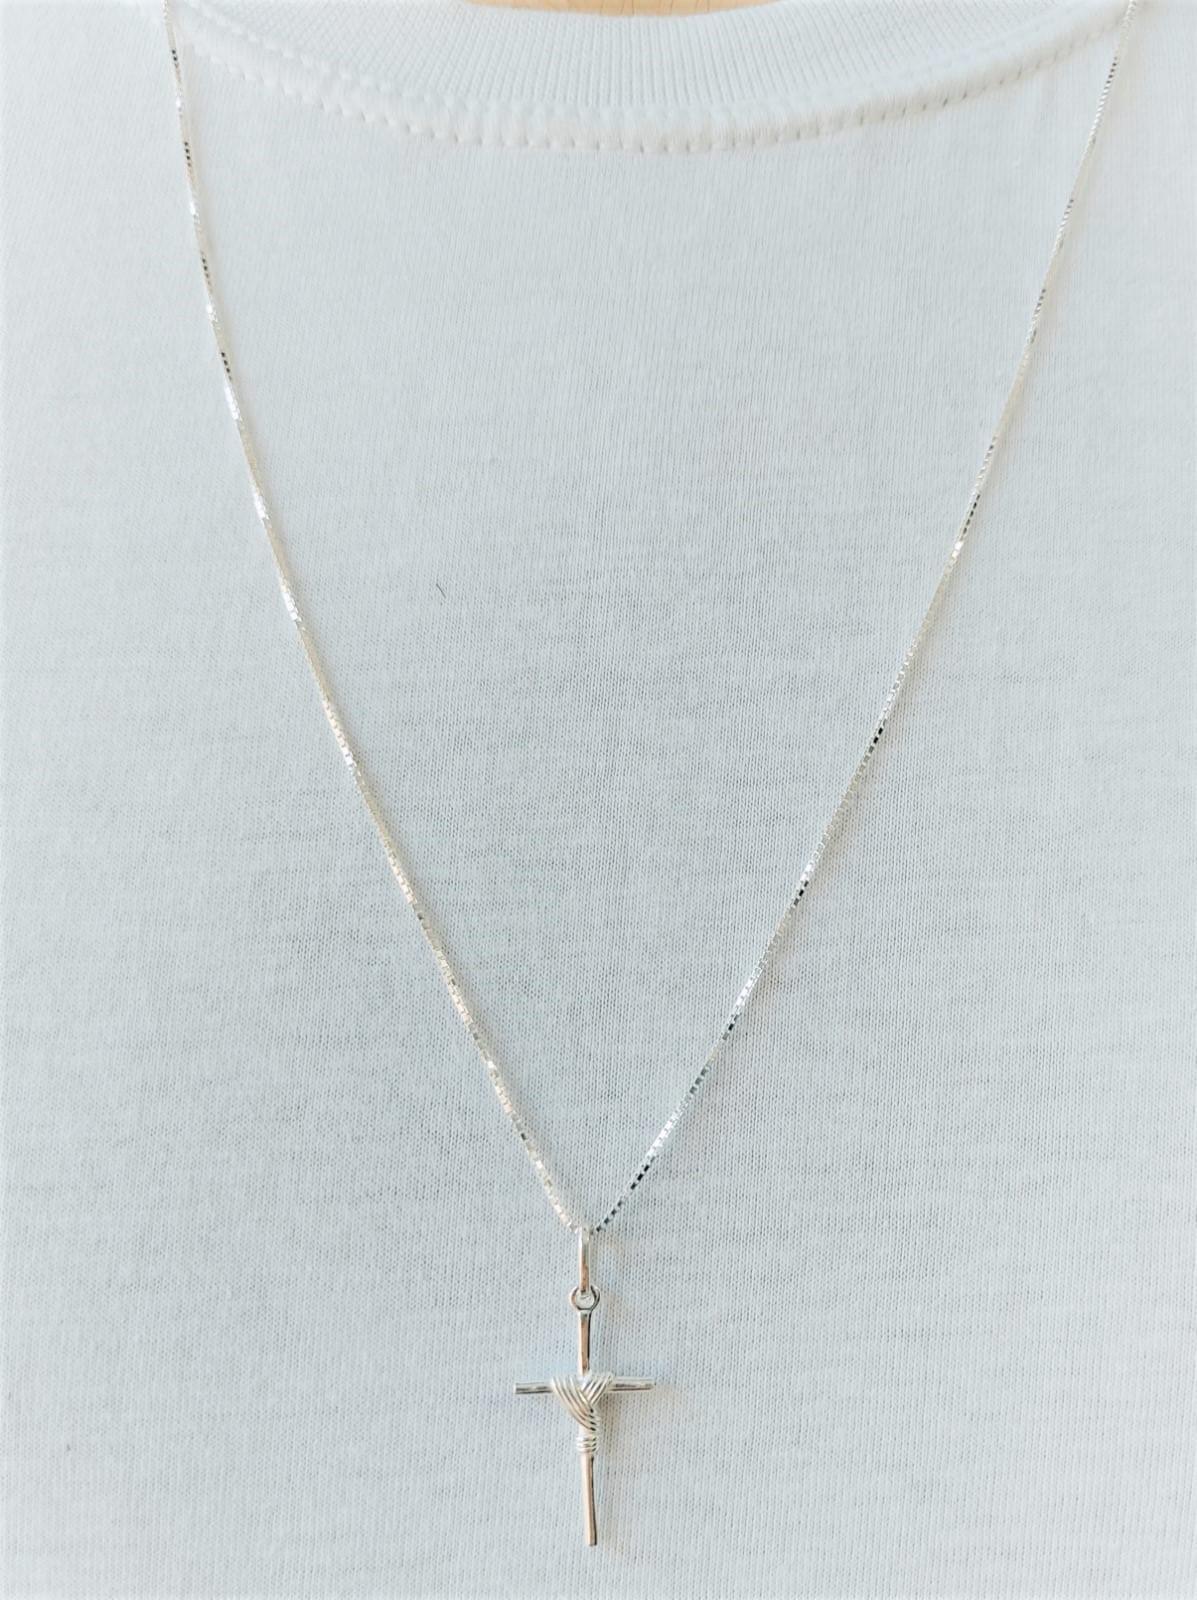 Cordão Corrente Masculina Veneziana 70cm Pingente Crucifixo Prata 925 Maciça